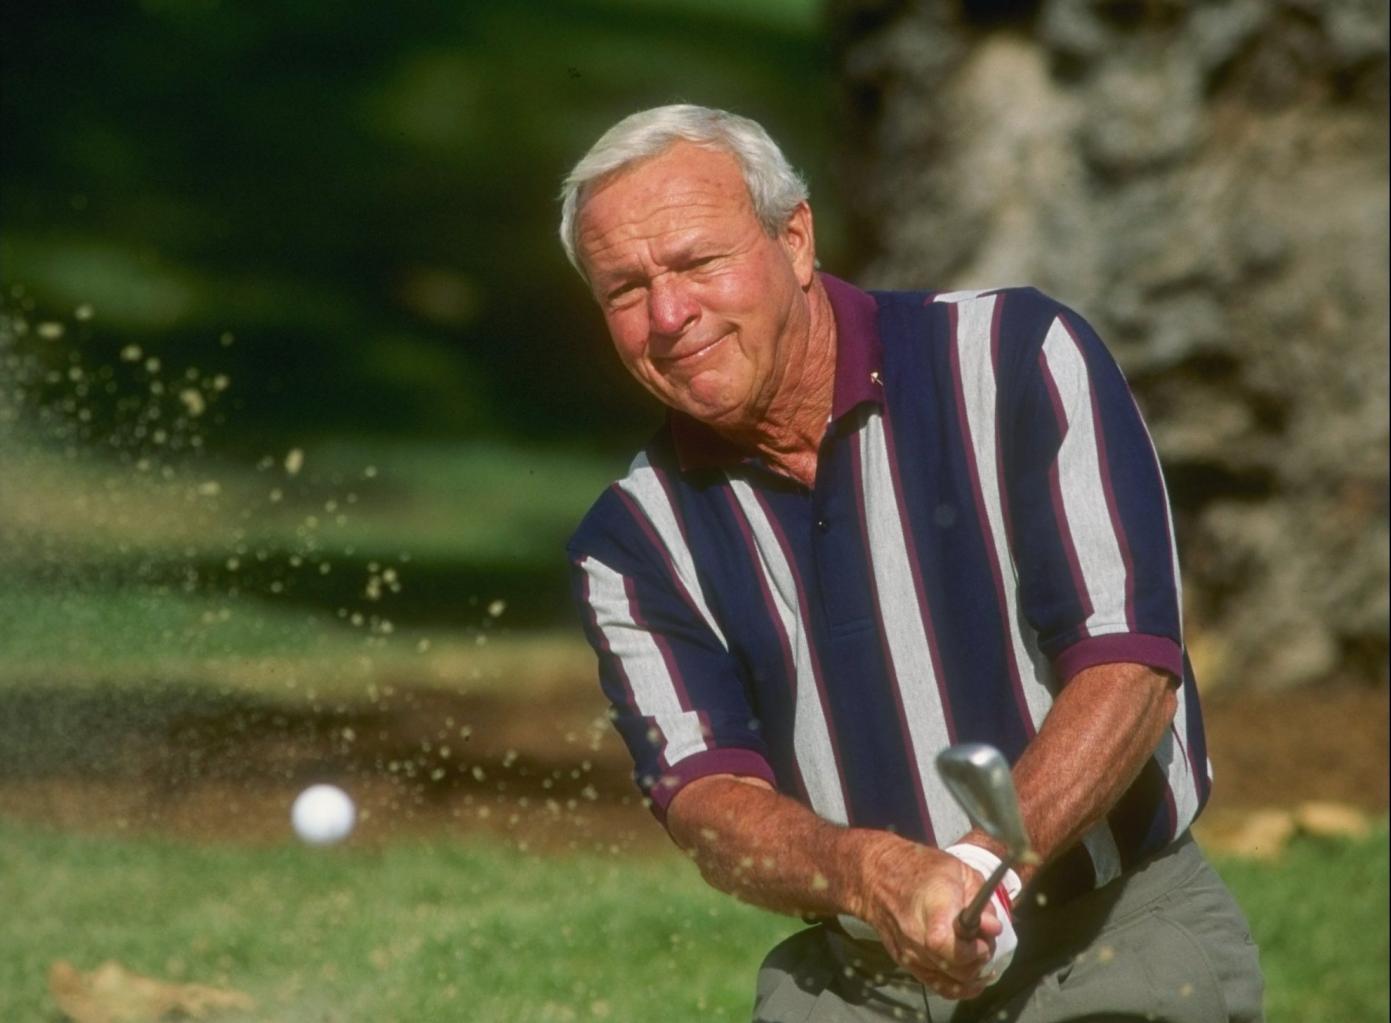 Famed Golfer Arnold Palmer Dies at 87